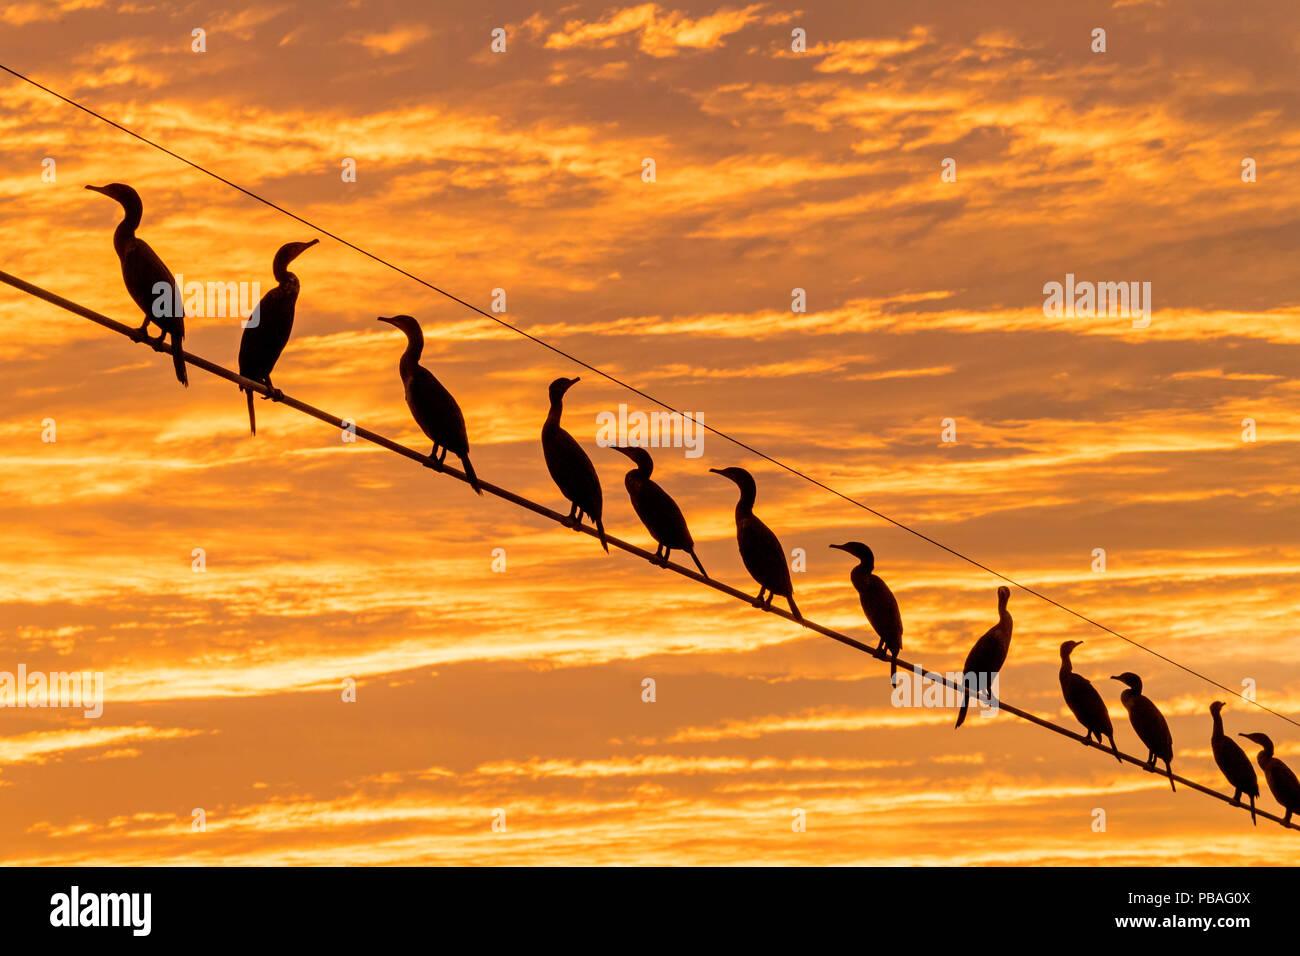 Flock of Neotropic cormorants ( (Phalacrocorax brasilianus) on wire at sunset, Cibola National Wildlife Refuge, Arizona, USA. November. - Stock Image